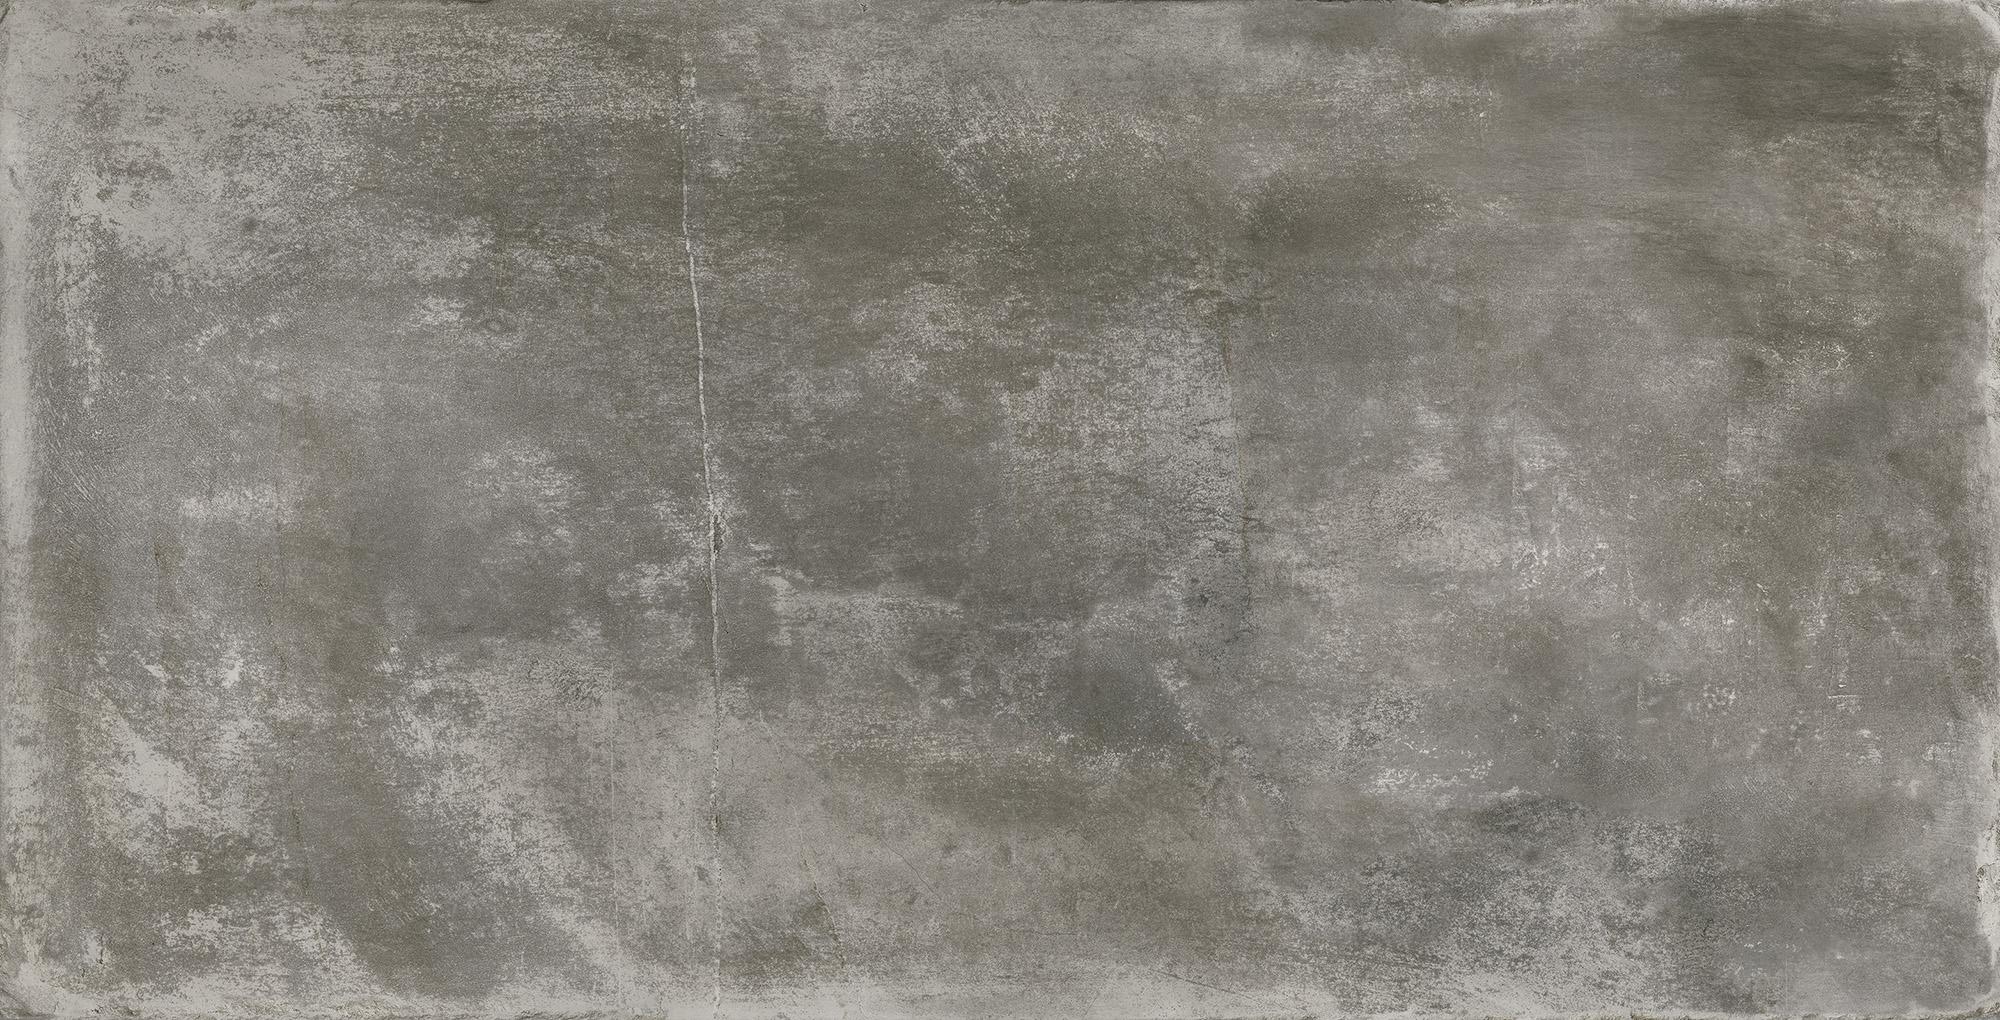 0591809, Cocoon, Tummanharmaa, lattia,pakkasenkesto,liukastumisenesto,uimahalli